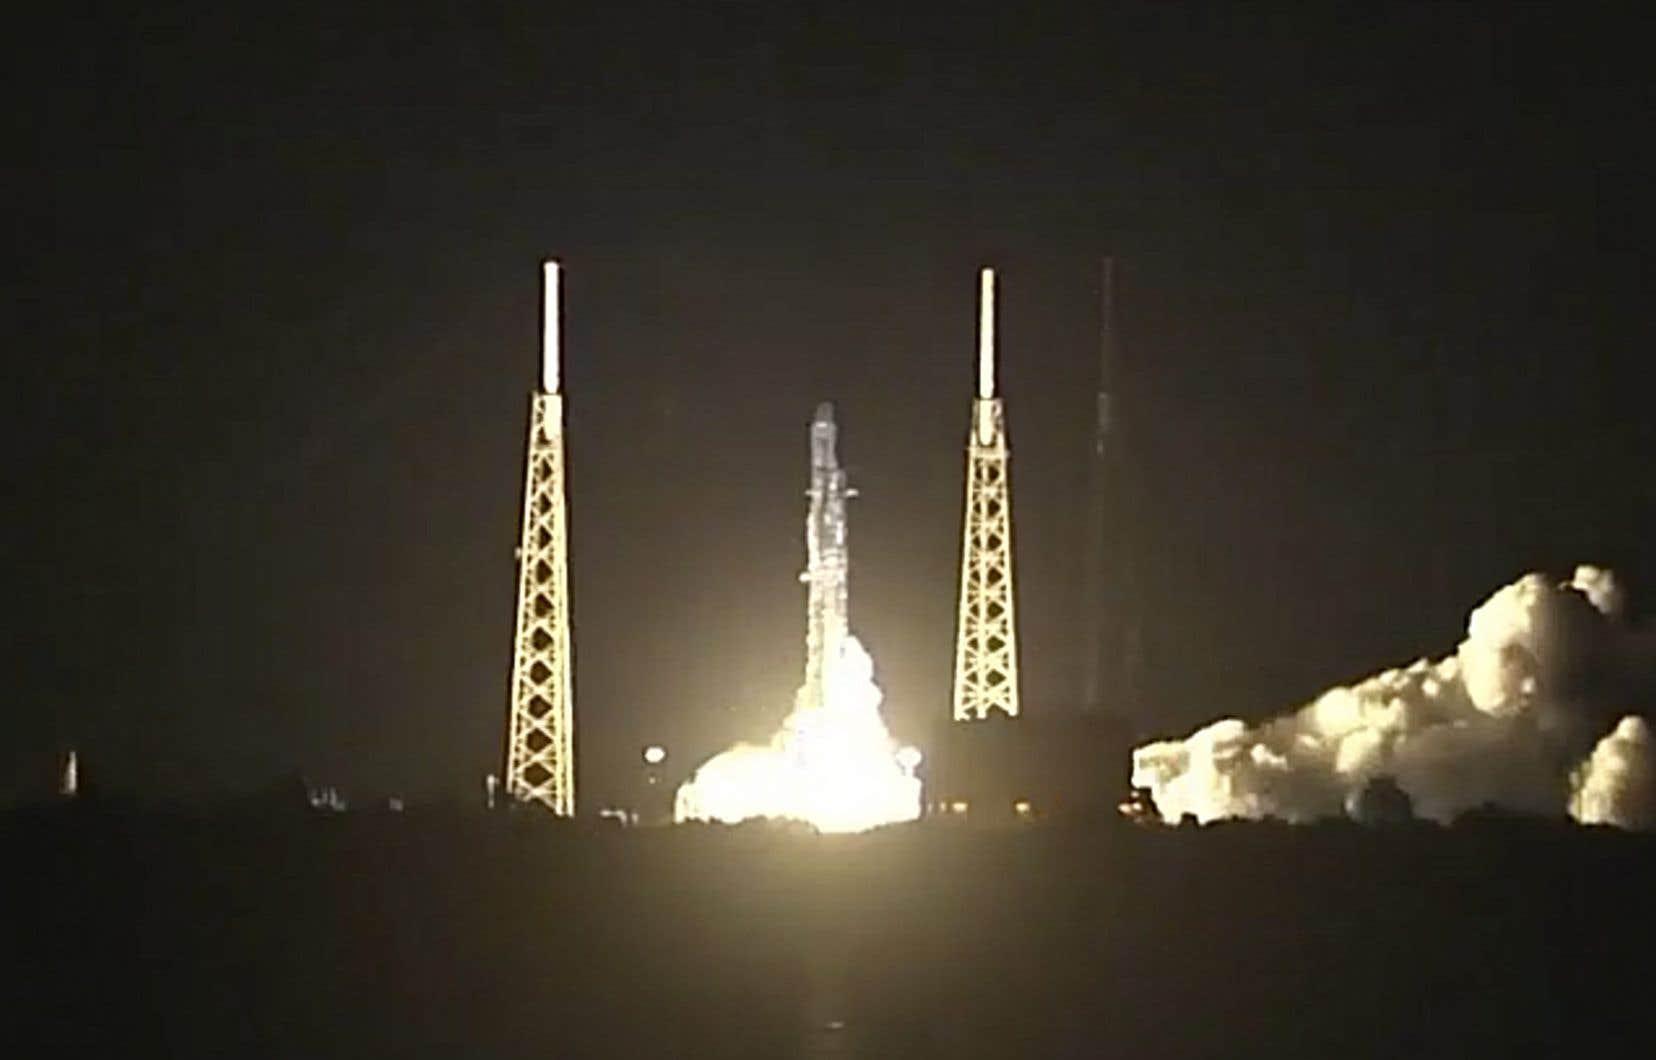 Le lancement s'est déroulé comme prévu à 5h42 depuis Cap Canaveral, en Floride.